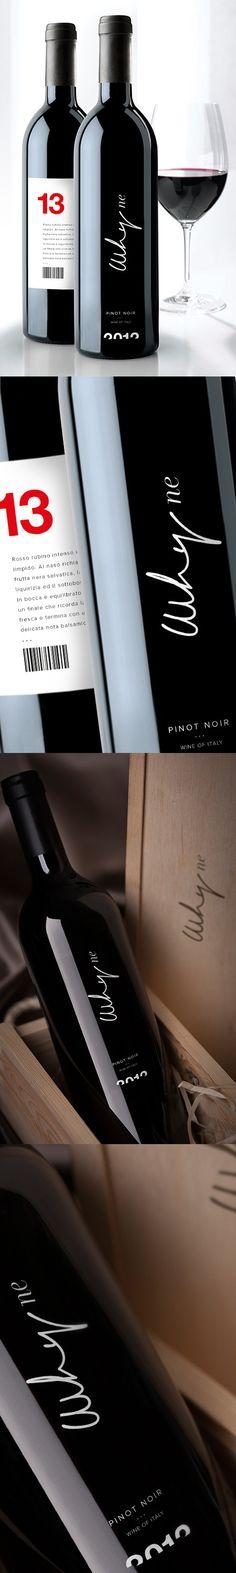 WHYNE wine pinot noir. in Wine package